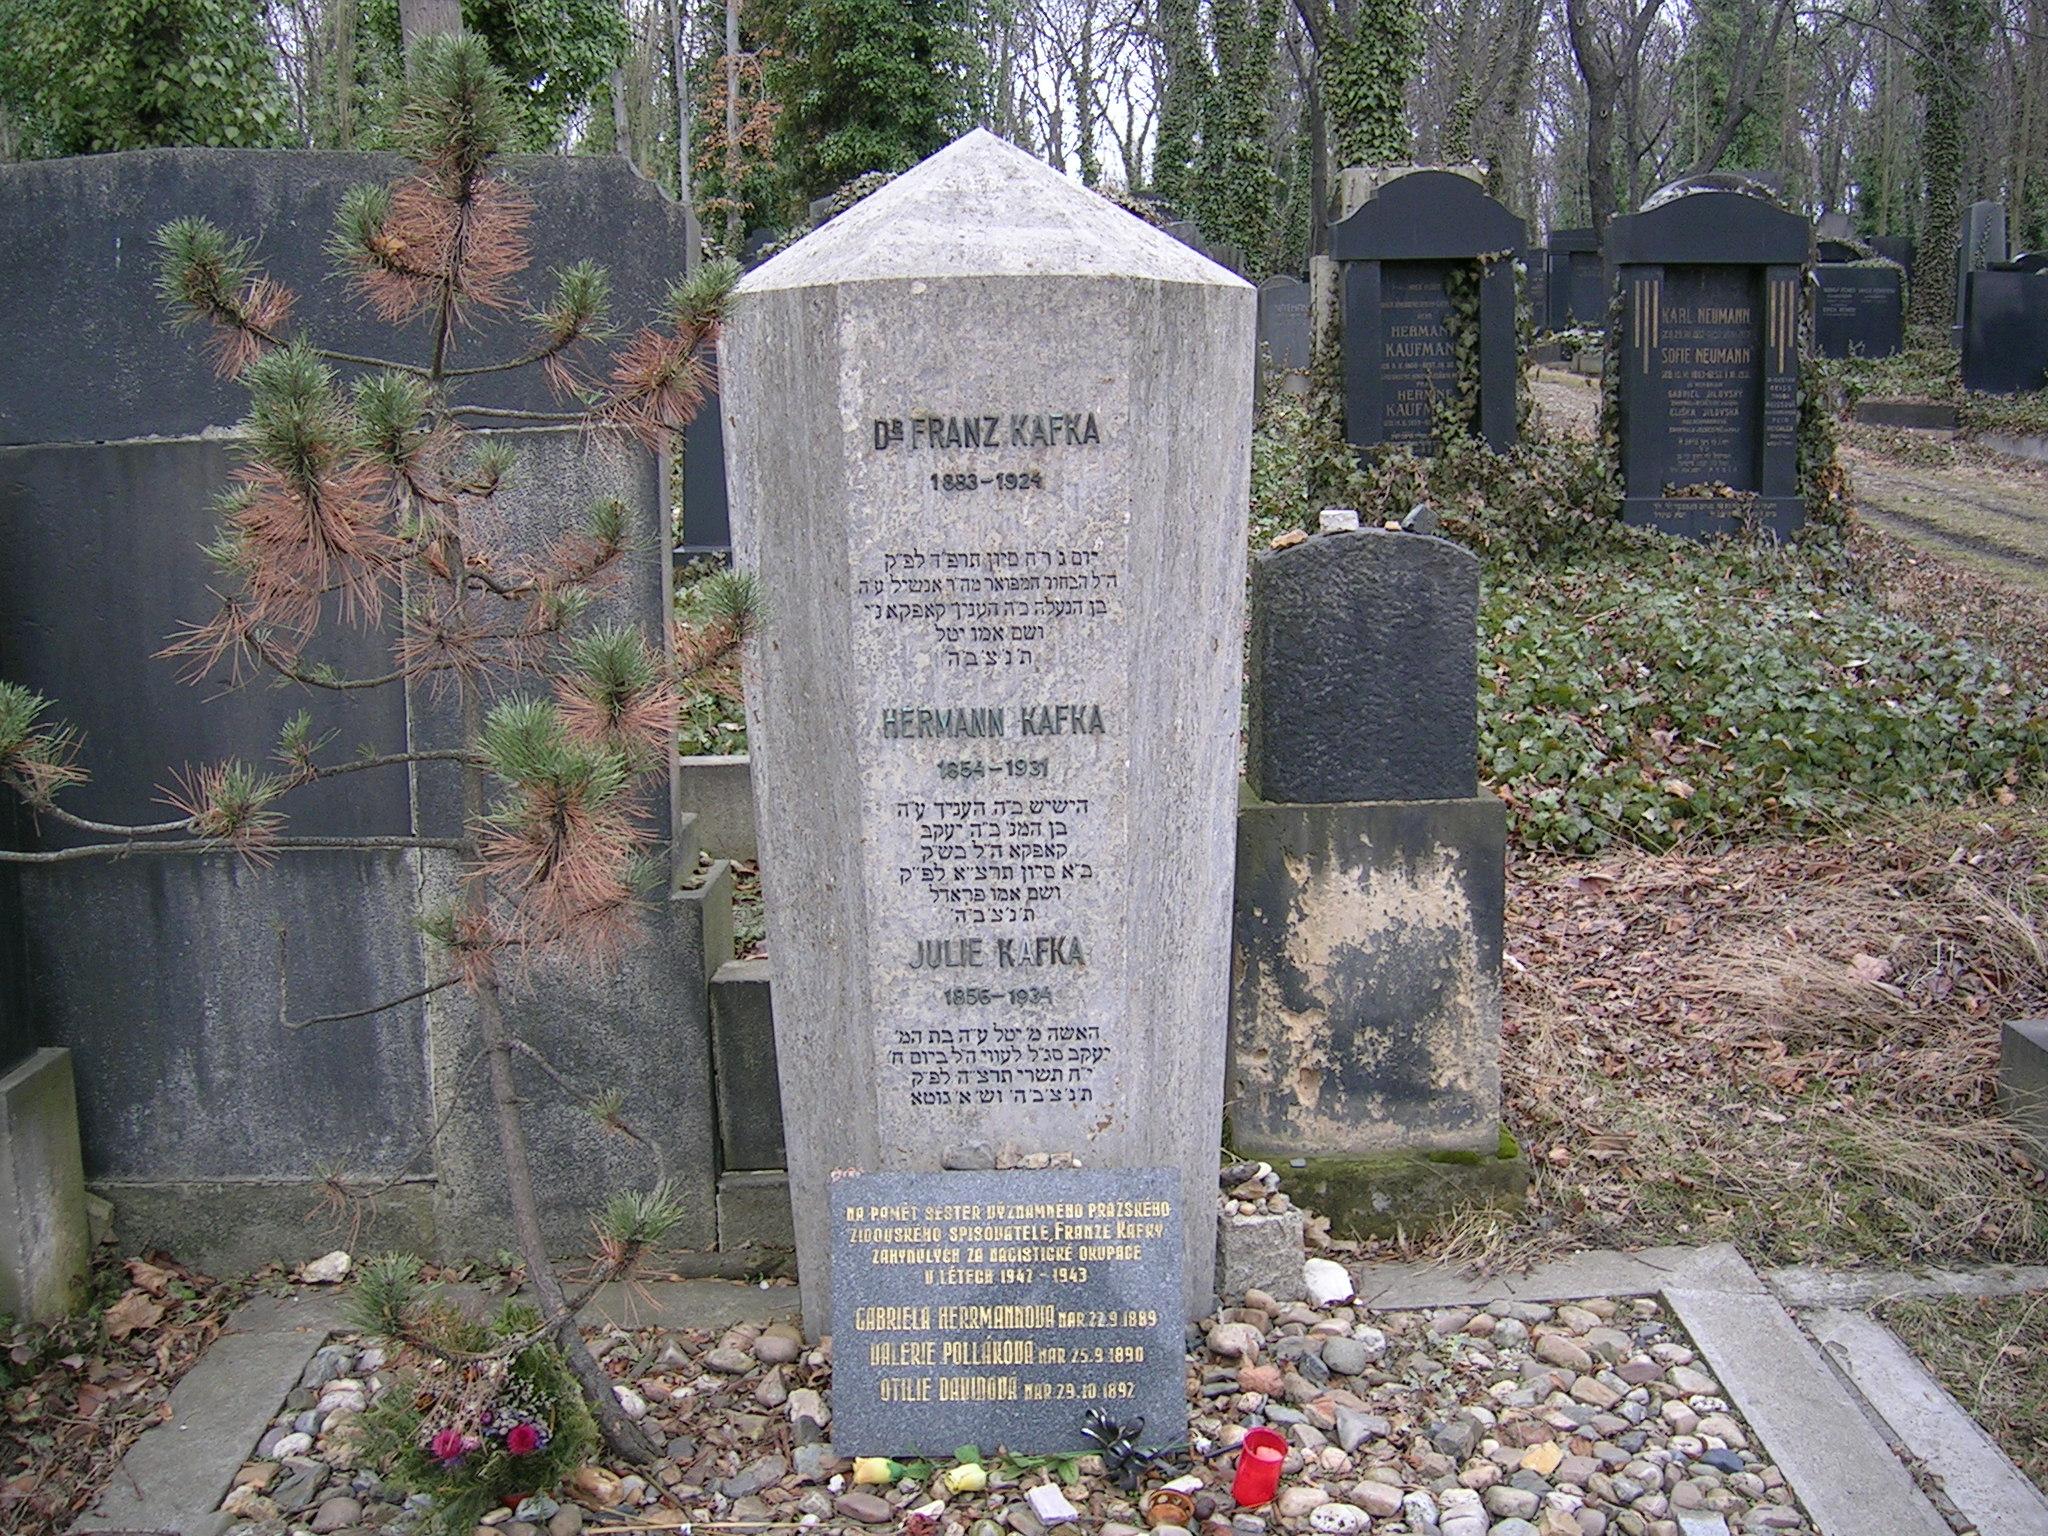 Tumba de Franz Kafka en el Cementerio de Praga-Žižkov.